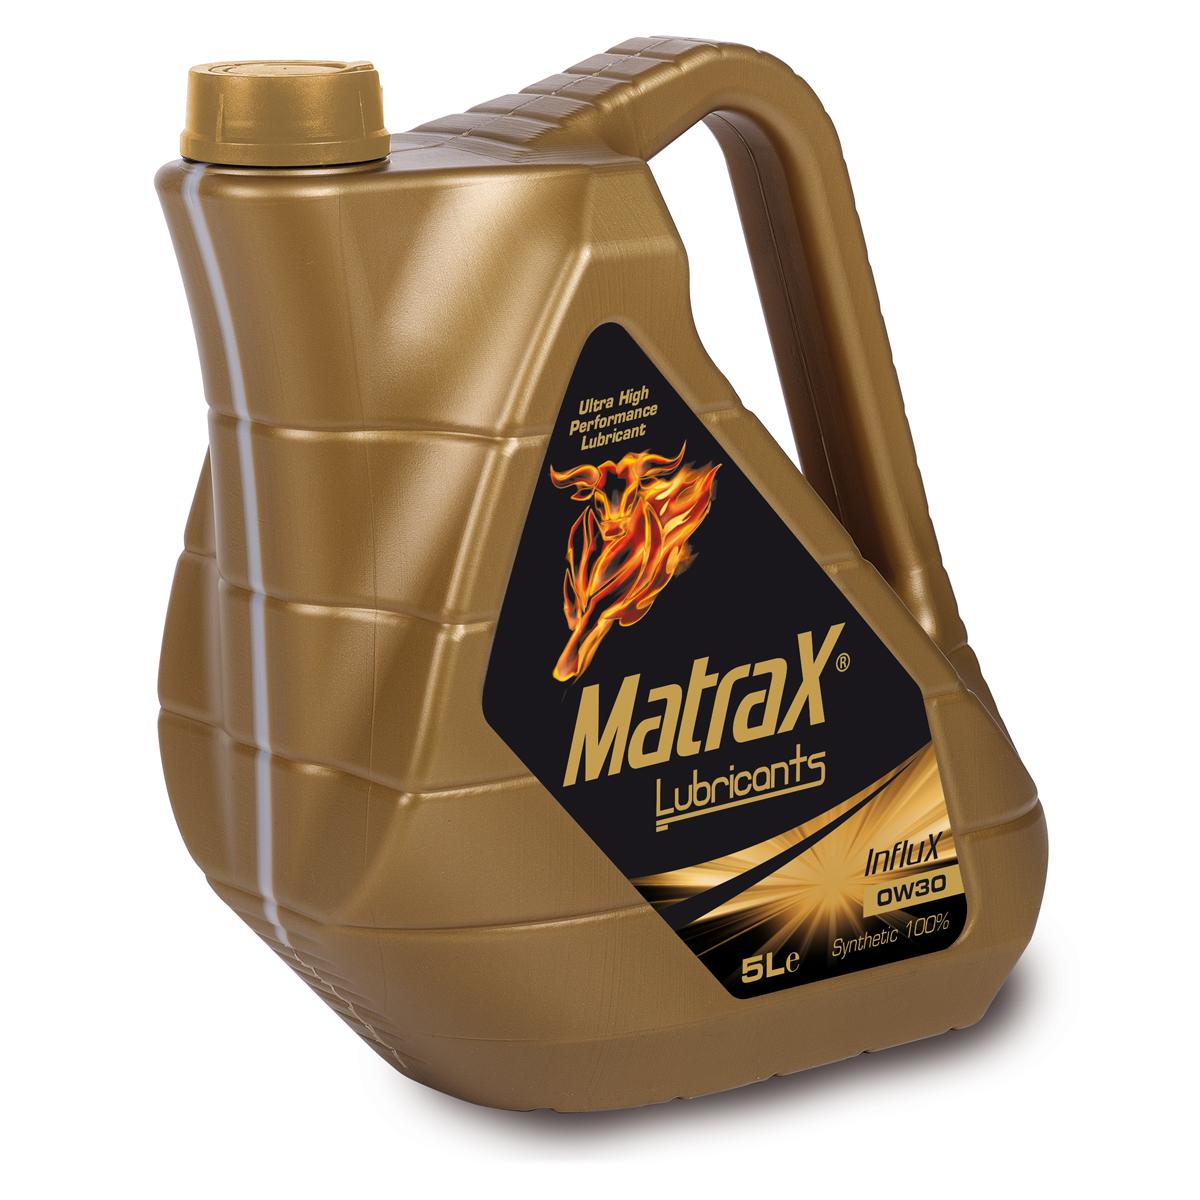 matrax-lubricants-influx-0w30-5l